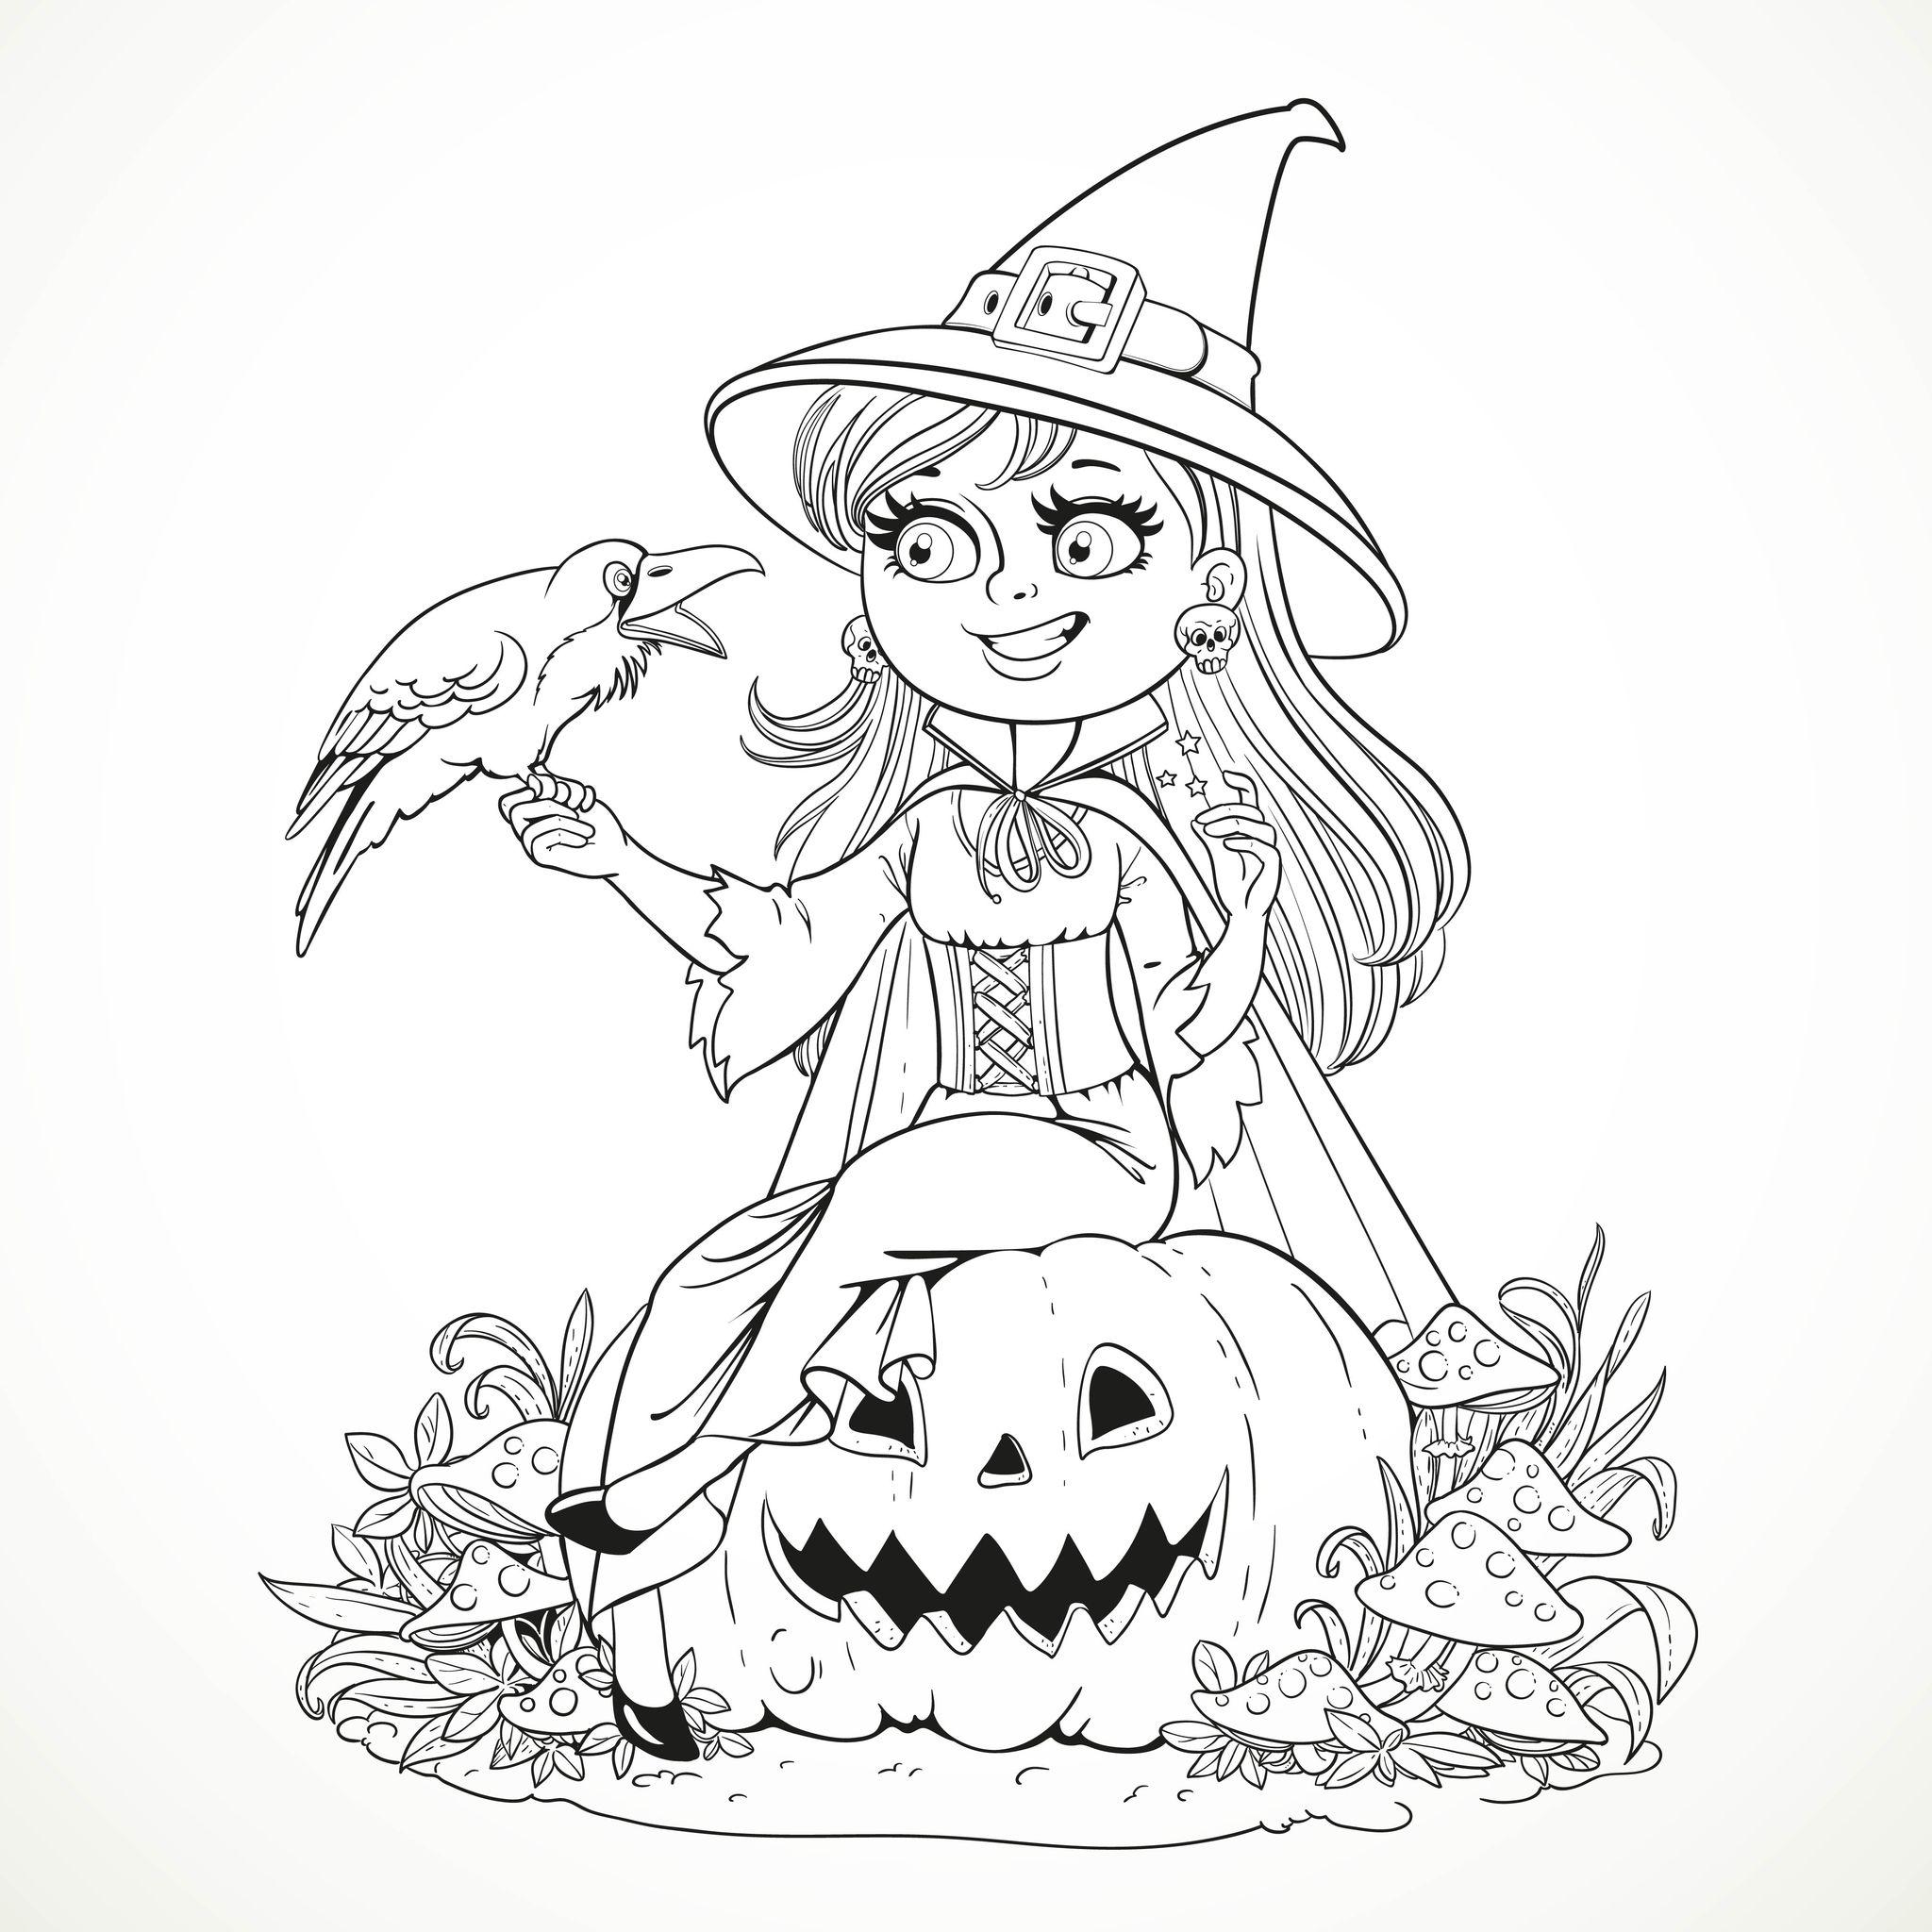 Halloween disegni da colorare per adulti - Pagina da colorare per halloween ...